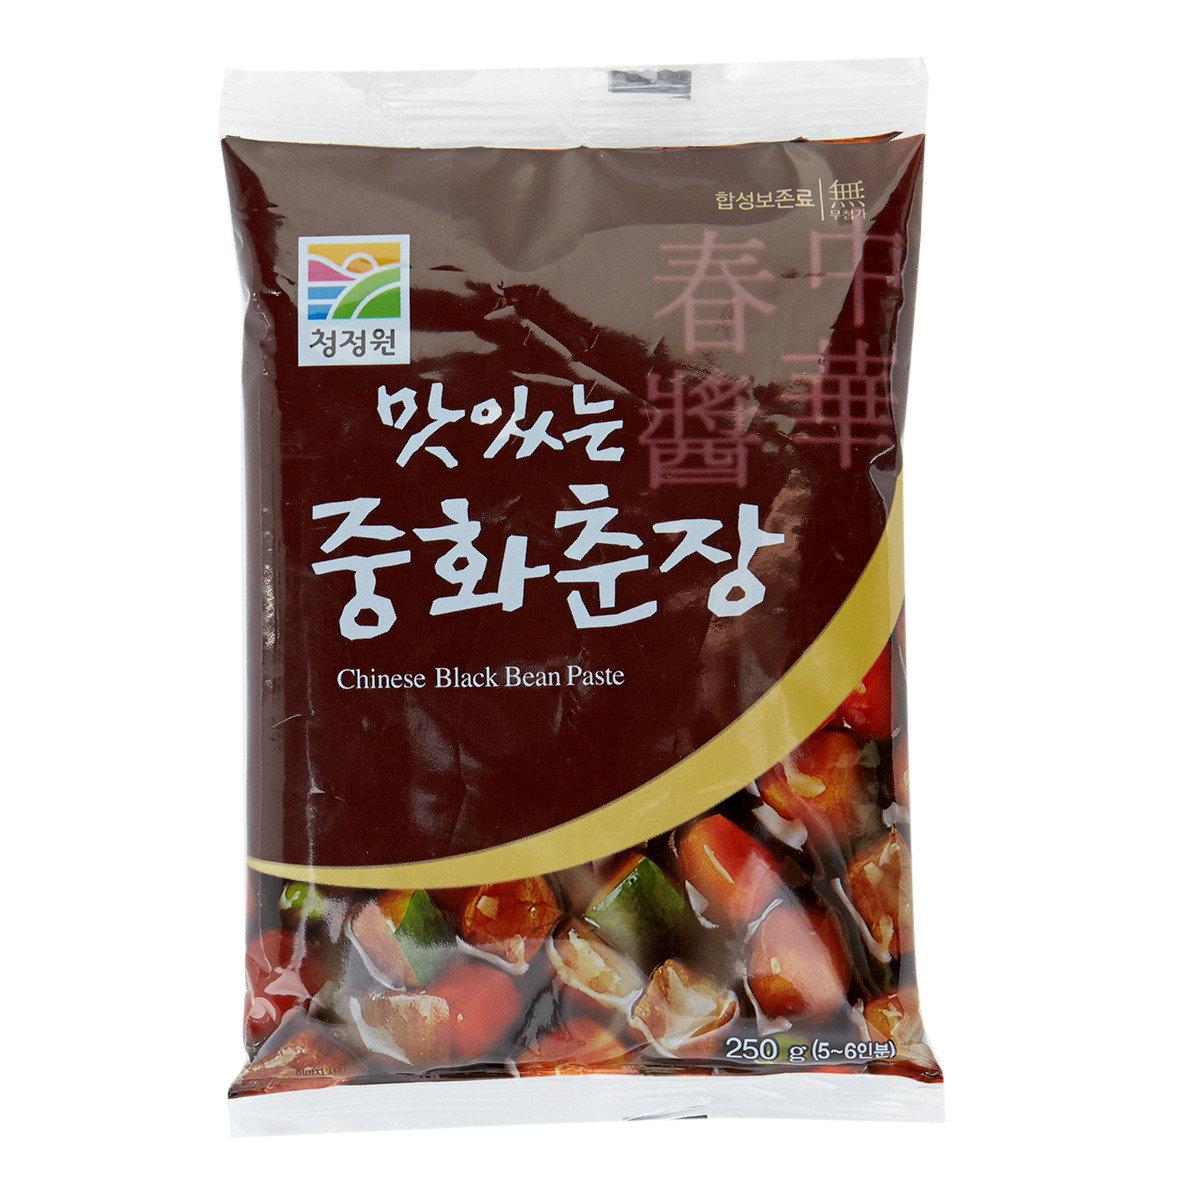 中式黑豆醬